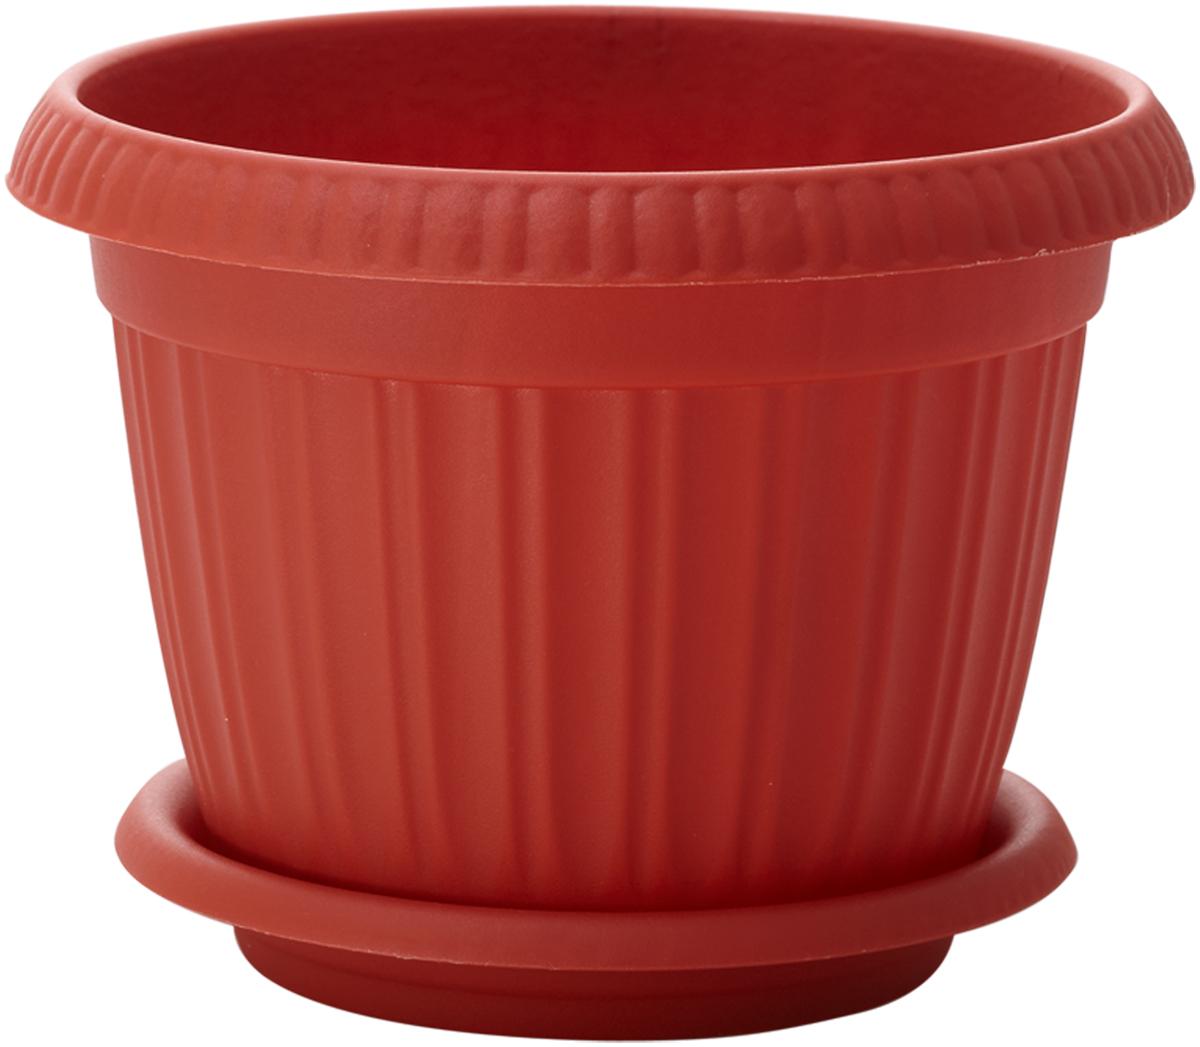 Горшок для цветов InGreen Таити, с подставкой, цвет: терракотовый, диаметр 13 смING41013FТРЛюбой, даже самый современный и продуманный интерьер будет не завершенным без растений. Они не только очищают воздух и насыщают его кислородом, но и заметно украшают окружающее пространство. Такому полезному члену семьи просто необходимо красивое и функциональное кашпо, оригинальный горшок или необычная ваза! Мы предлагаем - Горшок для цветов с поддоном d=13 см Таити, цвет терракотовый! Оптимальный выбор материала - это пластмасса! Почему мы так считаем? Малый вес. С легкостью переносите горшки и кашпо с места на место, ставьте их на столики или полки, подвешивайте под потолок, не беспокоясь о нагрузке. Простота ухода. Пластиковые изделия не нуждаются в специальных условиях хранения. Их легко чистить достаточно просто сполоснуть теплой водой. Никаких царапин. Пластиковые кашпо не царапают и не загрязняют поверхности, на которых стоят. Пластик дольше хранит влагу, а значит растение реже нуждается в поливе. Пластмасса не пропускает воздух корневой системе растения не грозят резкие перепады температур. Огромный выбор форм, декора и расцветок вы без труда подберете что-то, что идеально впишется в уже существующий интерьер. Соблюдая нехитрые правила ухода, вы можете заметно продлить срок службы горшков, вазонов и кашпо из пластика: всегда учитывайте размер кроны и корневой системы растения (при разрастании большое растение способно повредить маленький горшок) берегите изделие от воздействия прямых солнечных лучей, чтобы кашпо и горшки не выцветали держите кашпо и горшки из пластика подальше от нагревающихся поверхностей. Создавайте прекрасные цветочные композиции, выращивайте рассаду или необычные растения, а низкие цены позволят вам не ограничивать себя в выборе.